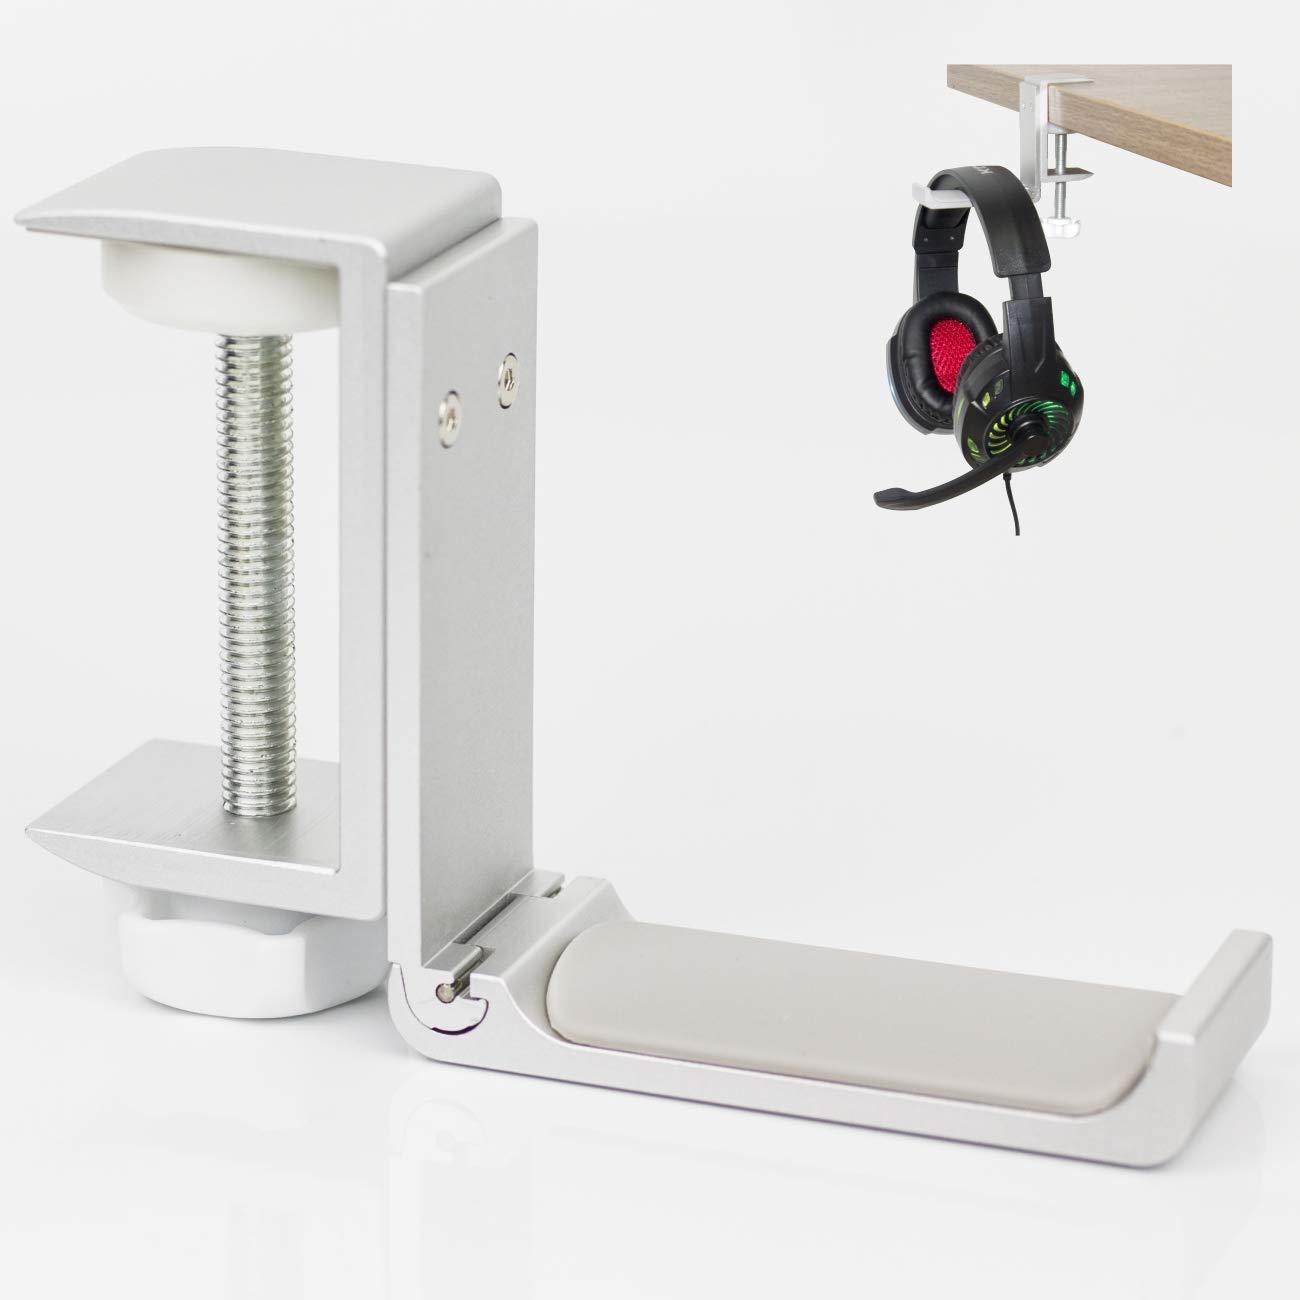 折りたたみ式ヘッドホンホルダー アルミニウム壁マウントフック 20kgまで保持 ネジ付き 1KG 3M接着剤付き headset hanger foldable  シルバー(Silver) B07PQH4CGJ